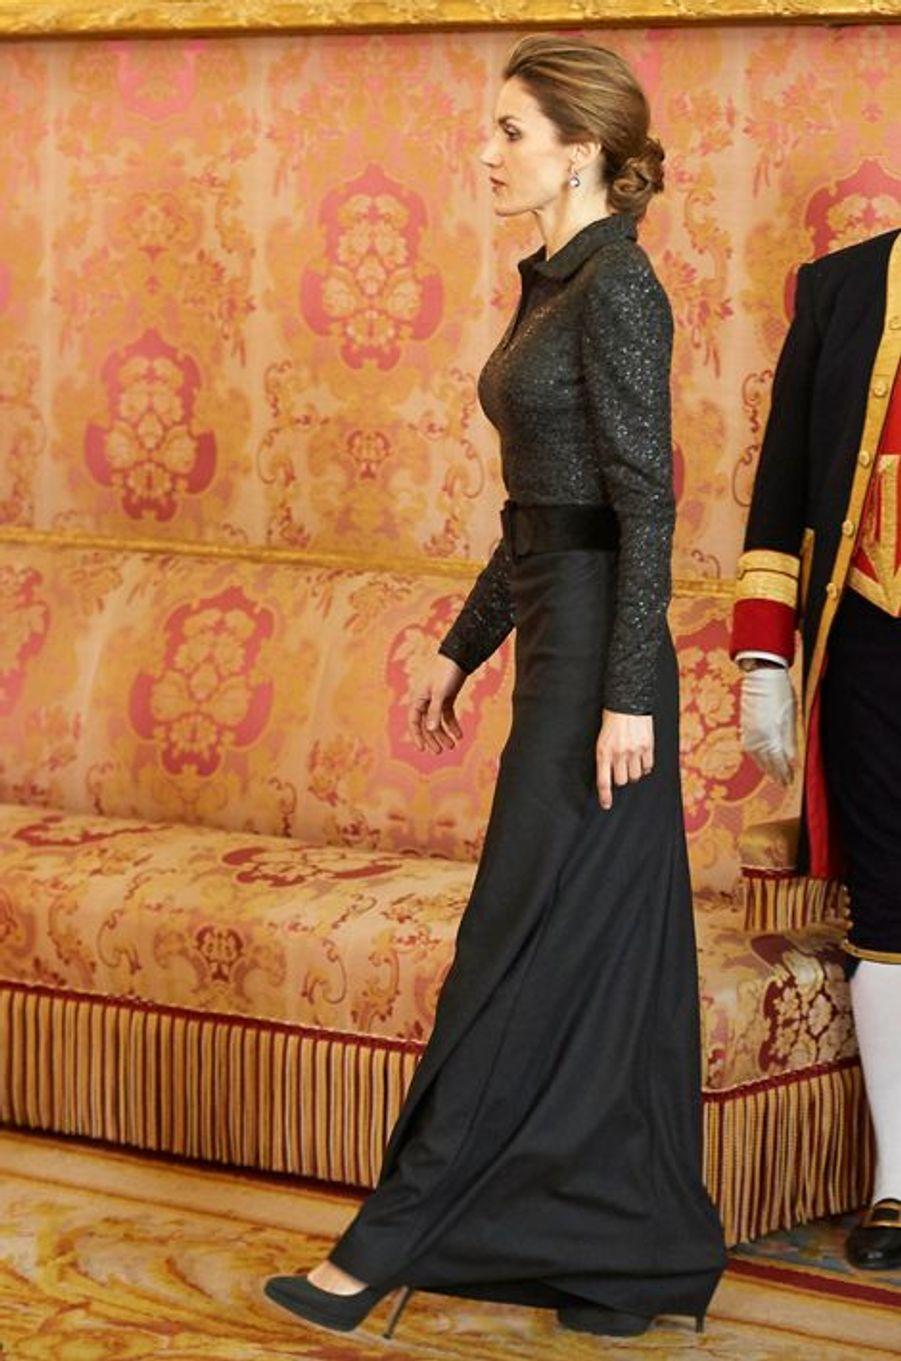 La reine Letizia d'Espagne au Palais royal à Madrid, le 21 janvier 2015